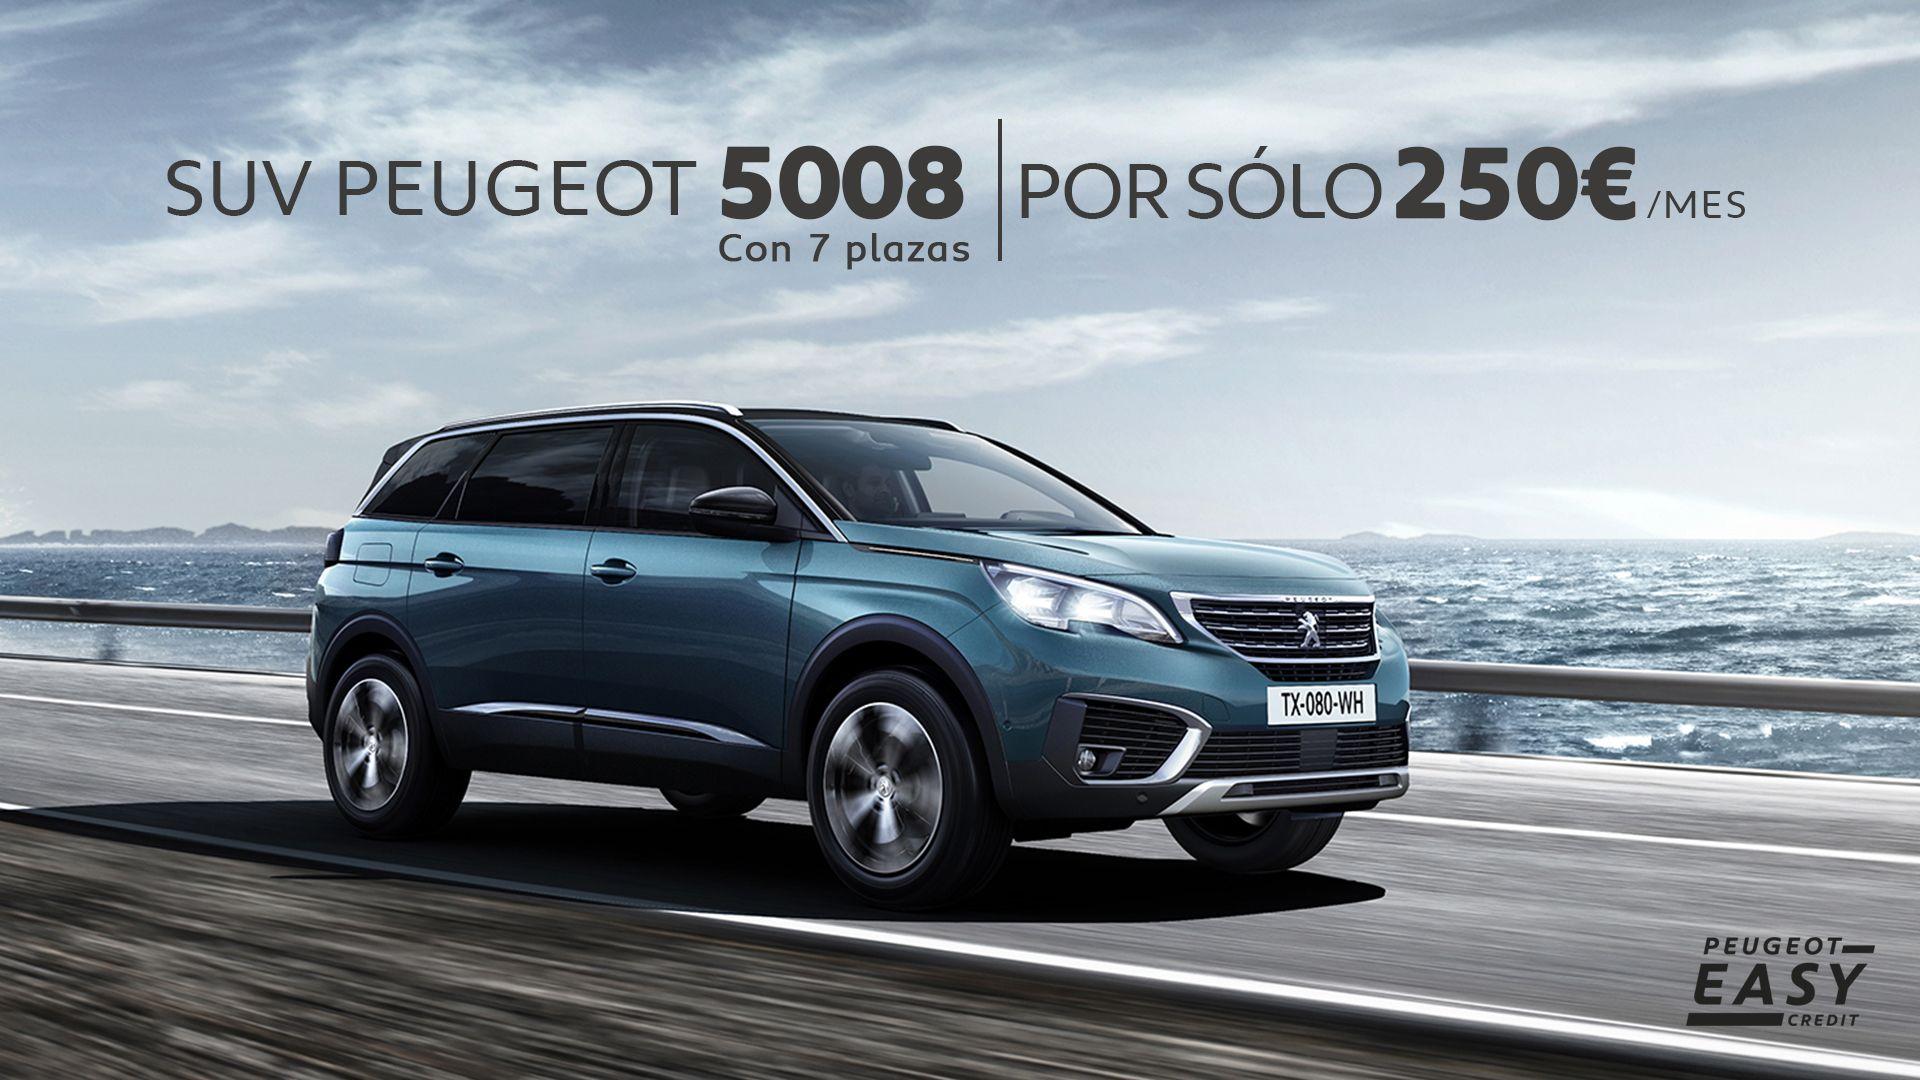 Llévate un SUV 5008 por 250€/mes